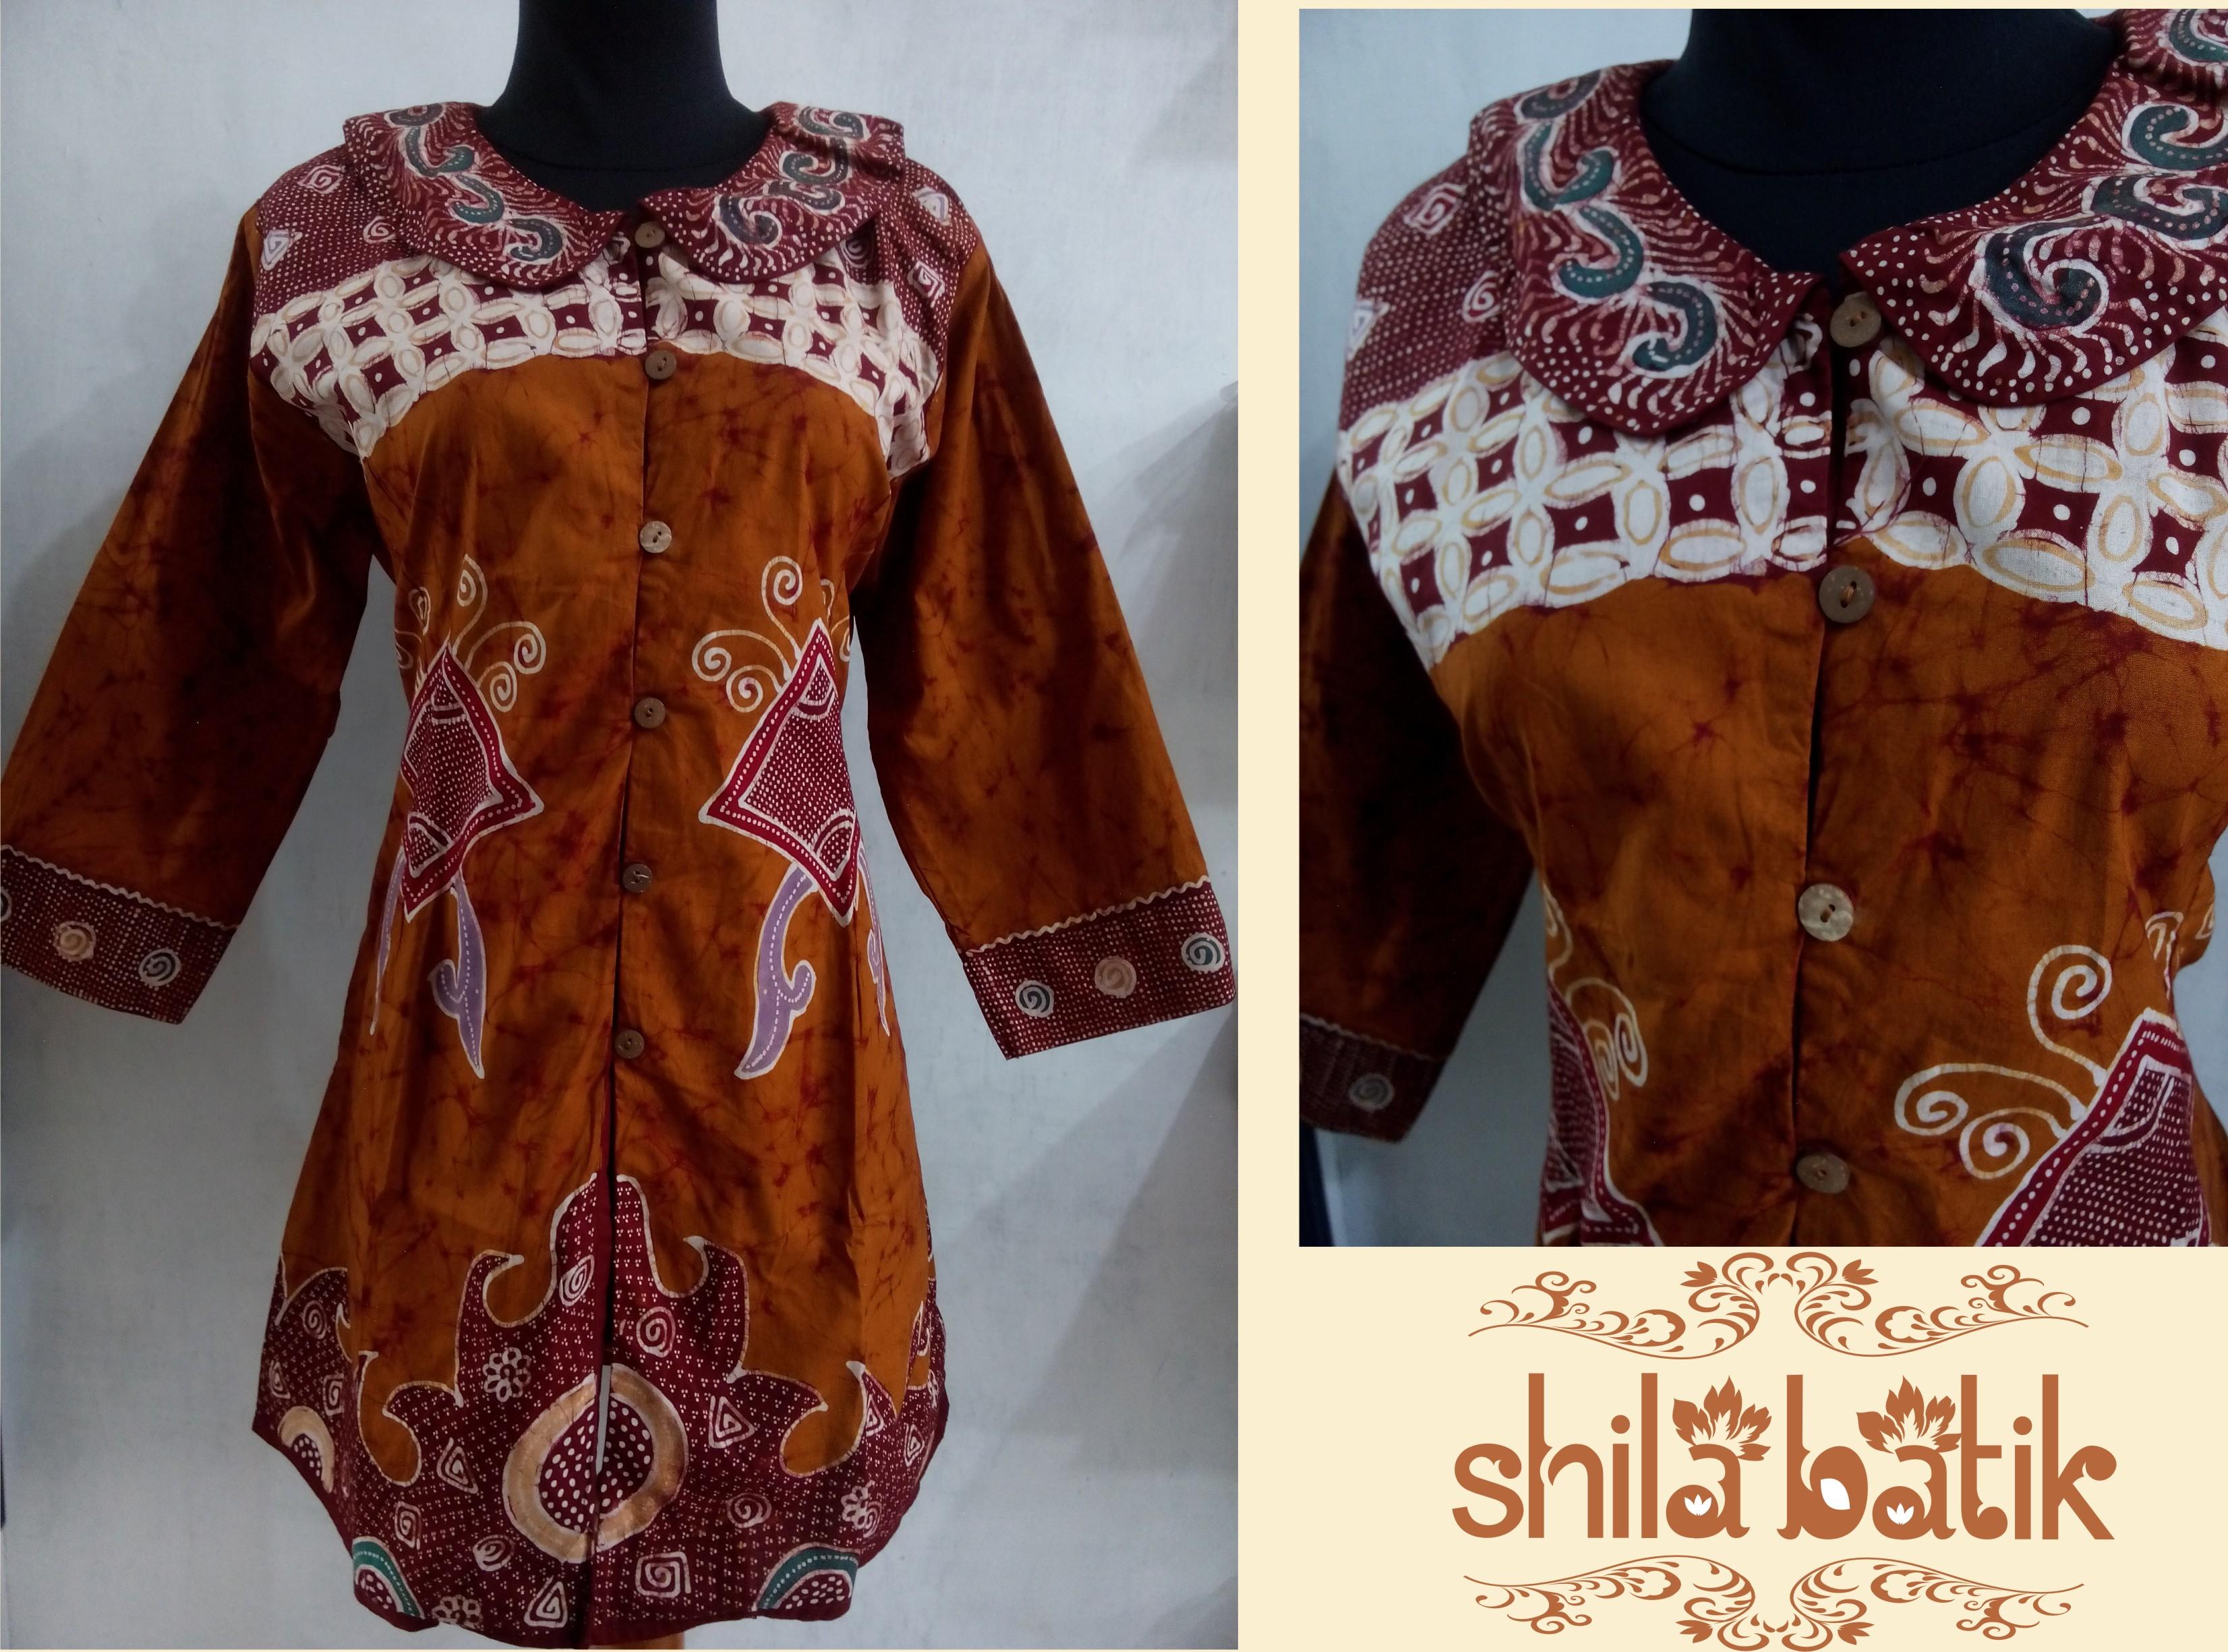 jual dress batik tulis jogja - hubungi 0838.403.87800 e0e0b4a80c